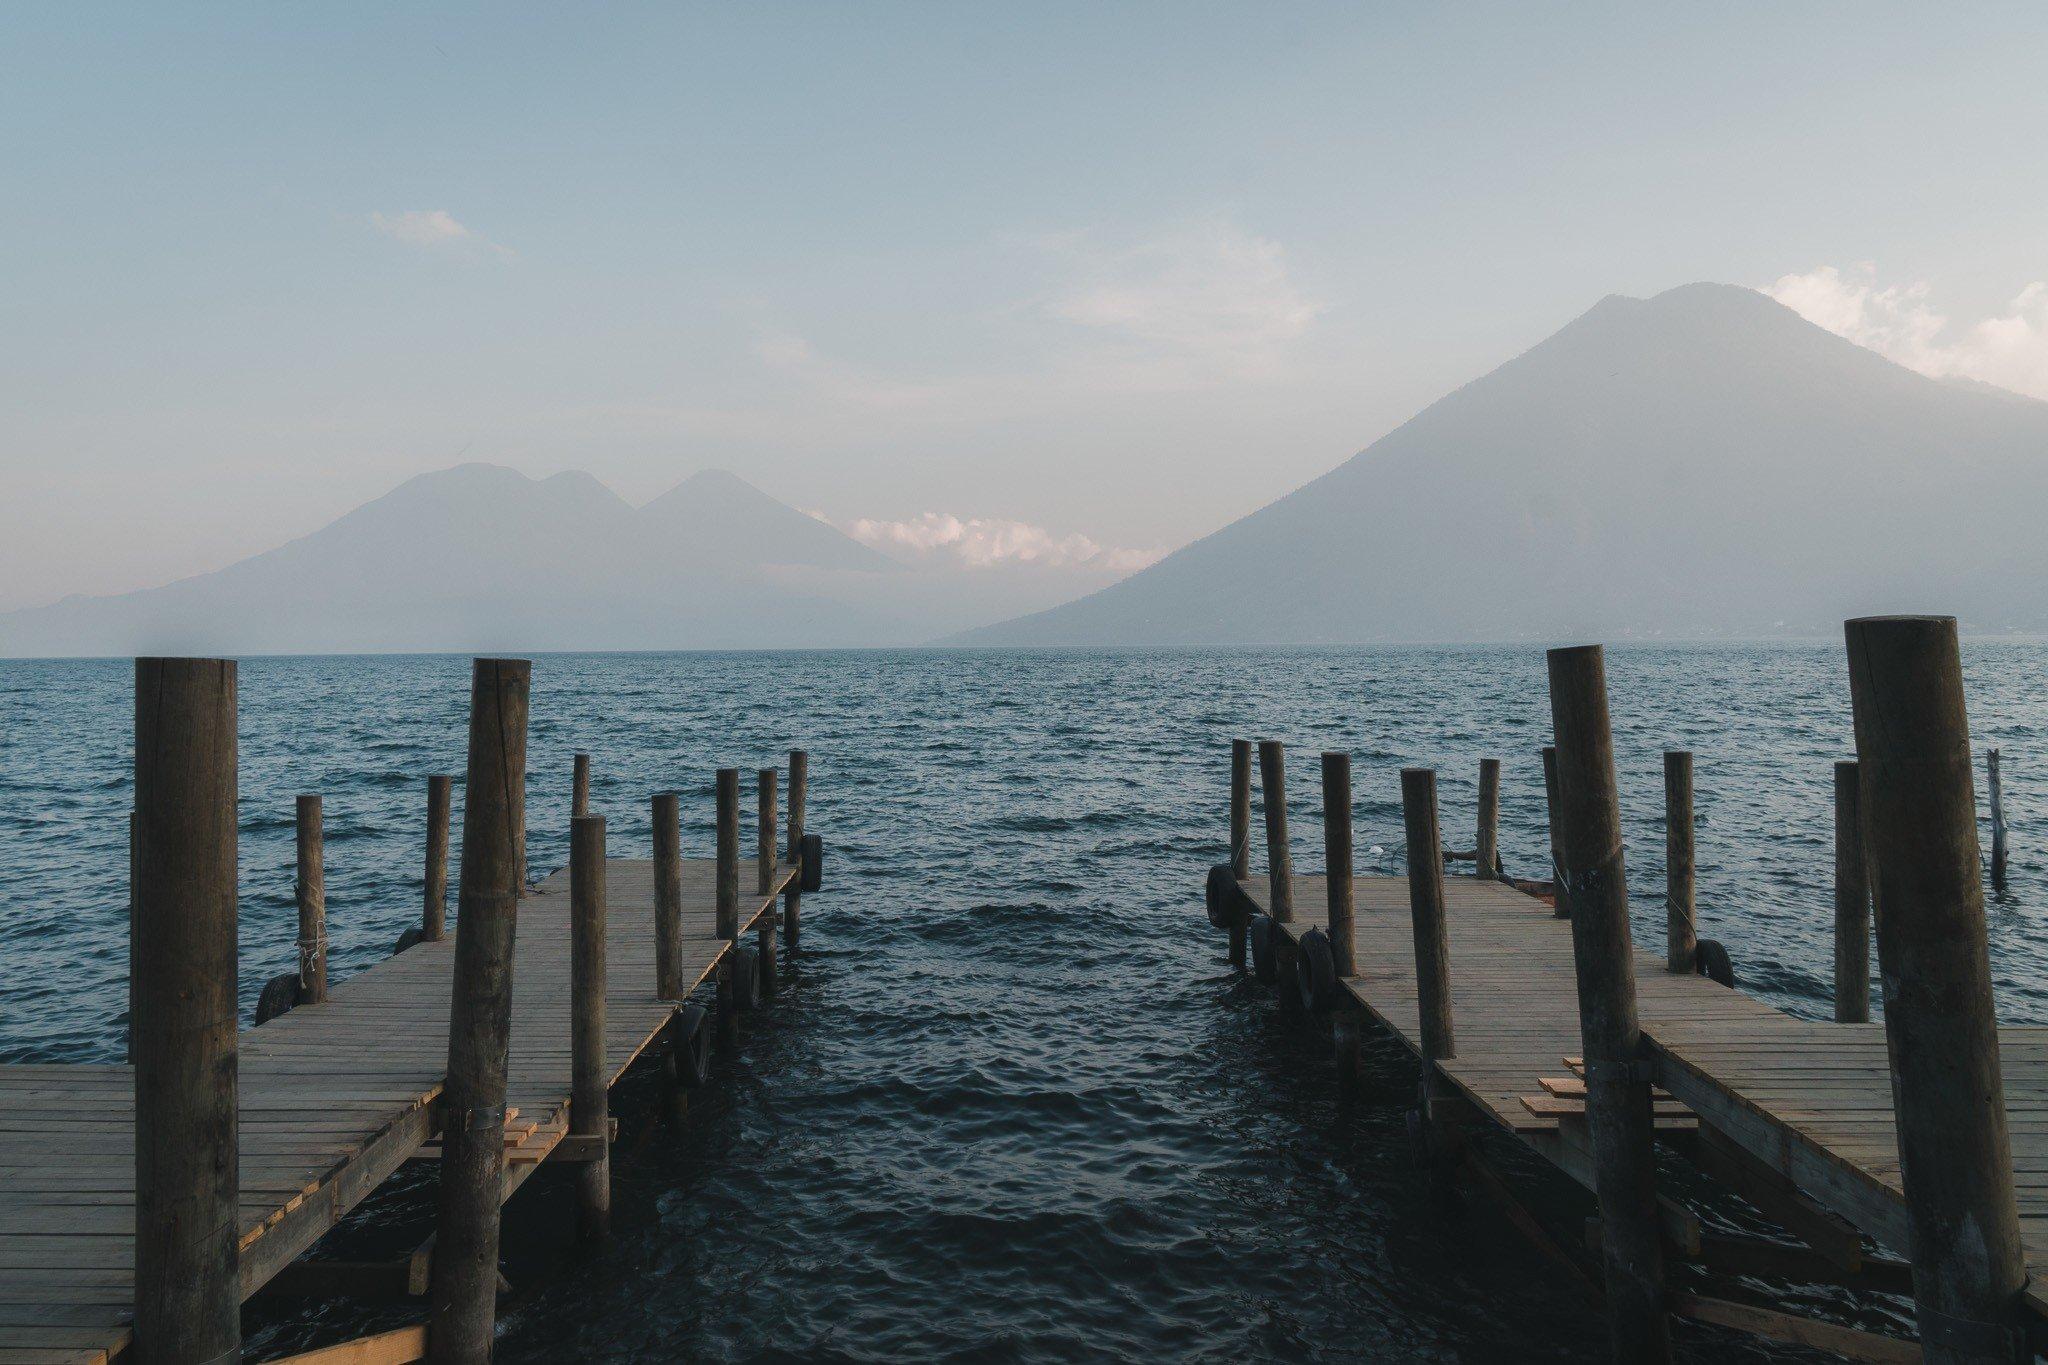 best things to do in Guatemala: visit Lake Atitlan